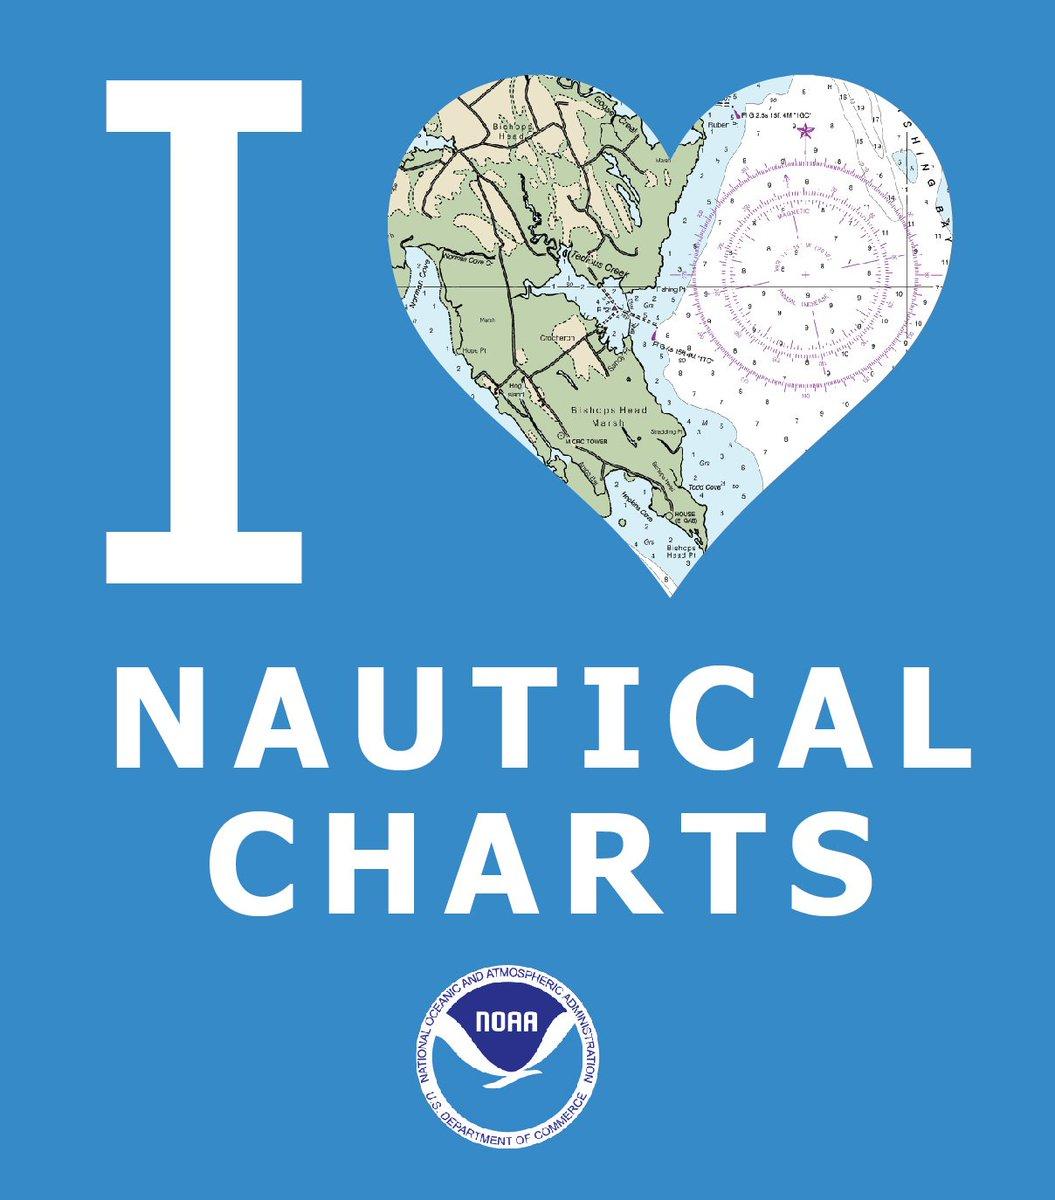 NOAA Coast Survey on Twitter: